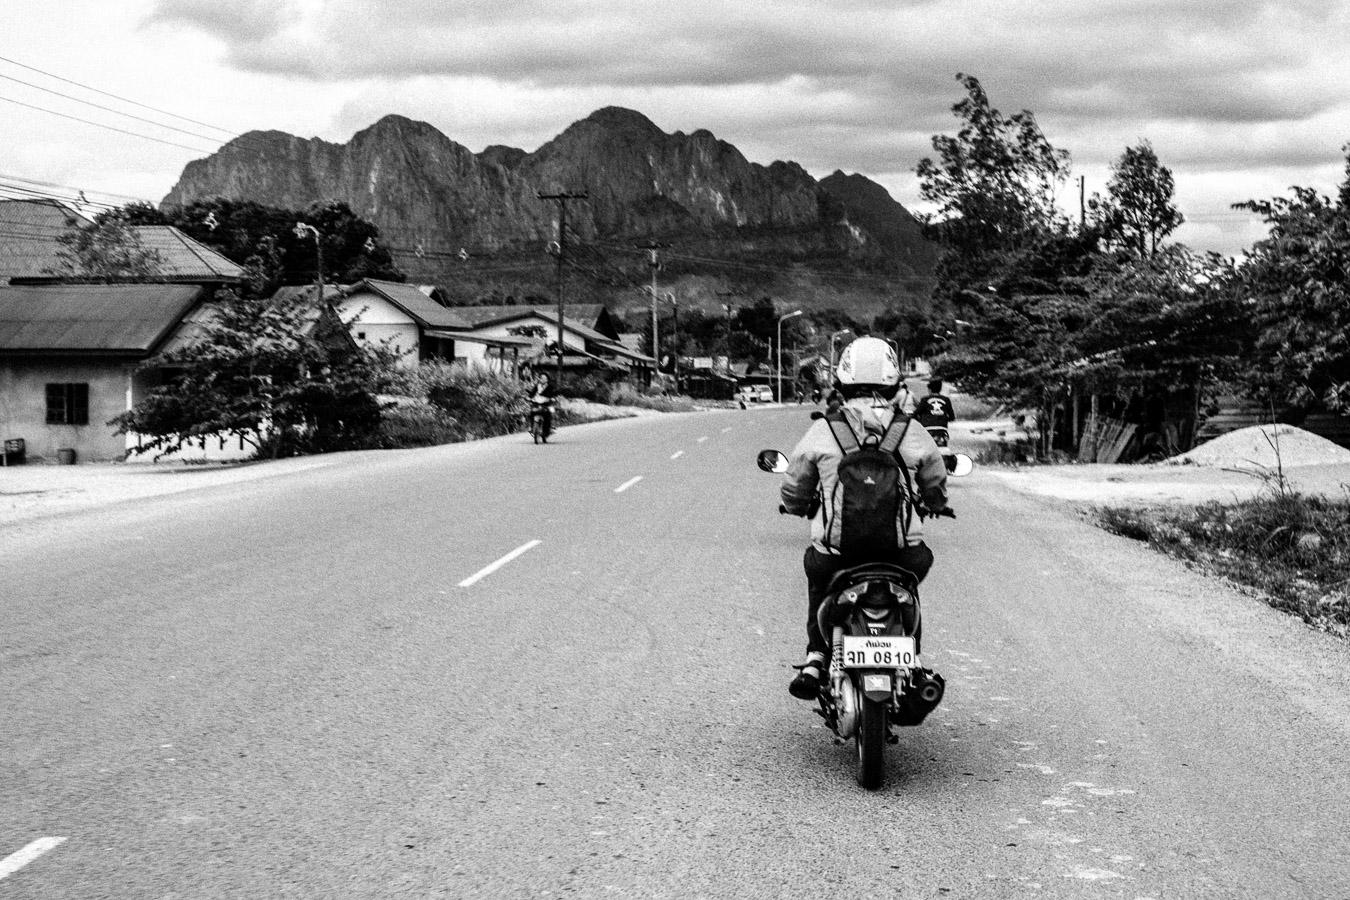 Photographie de voyage - roadtrip en moto, Laos